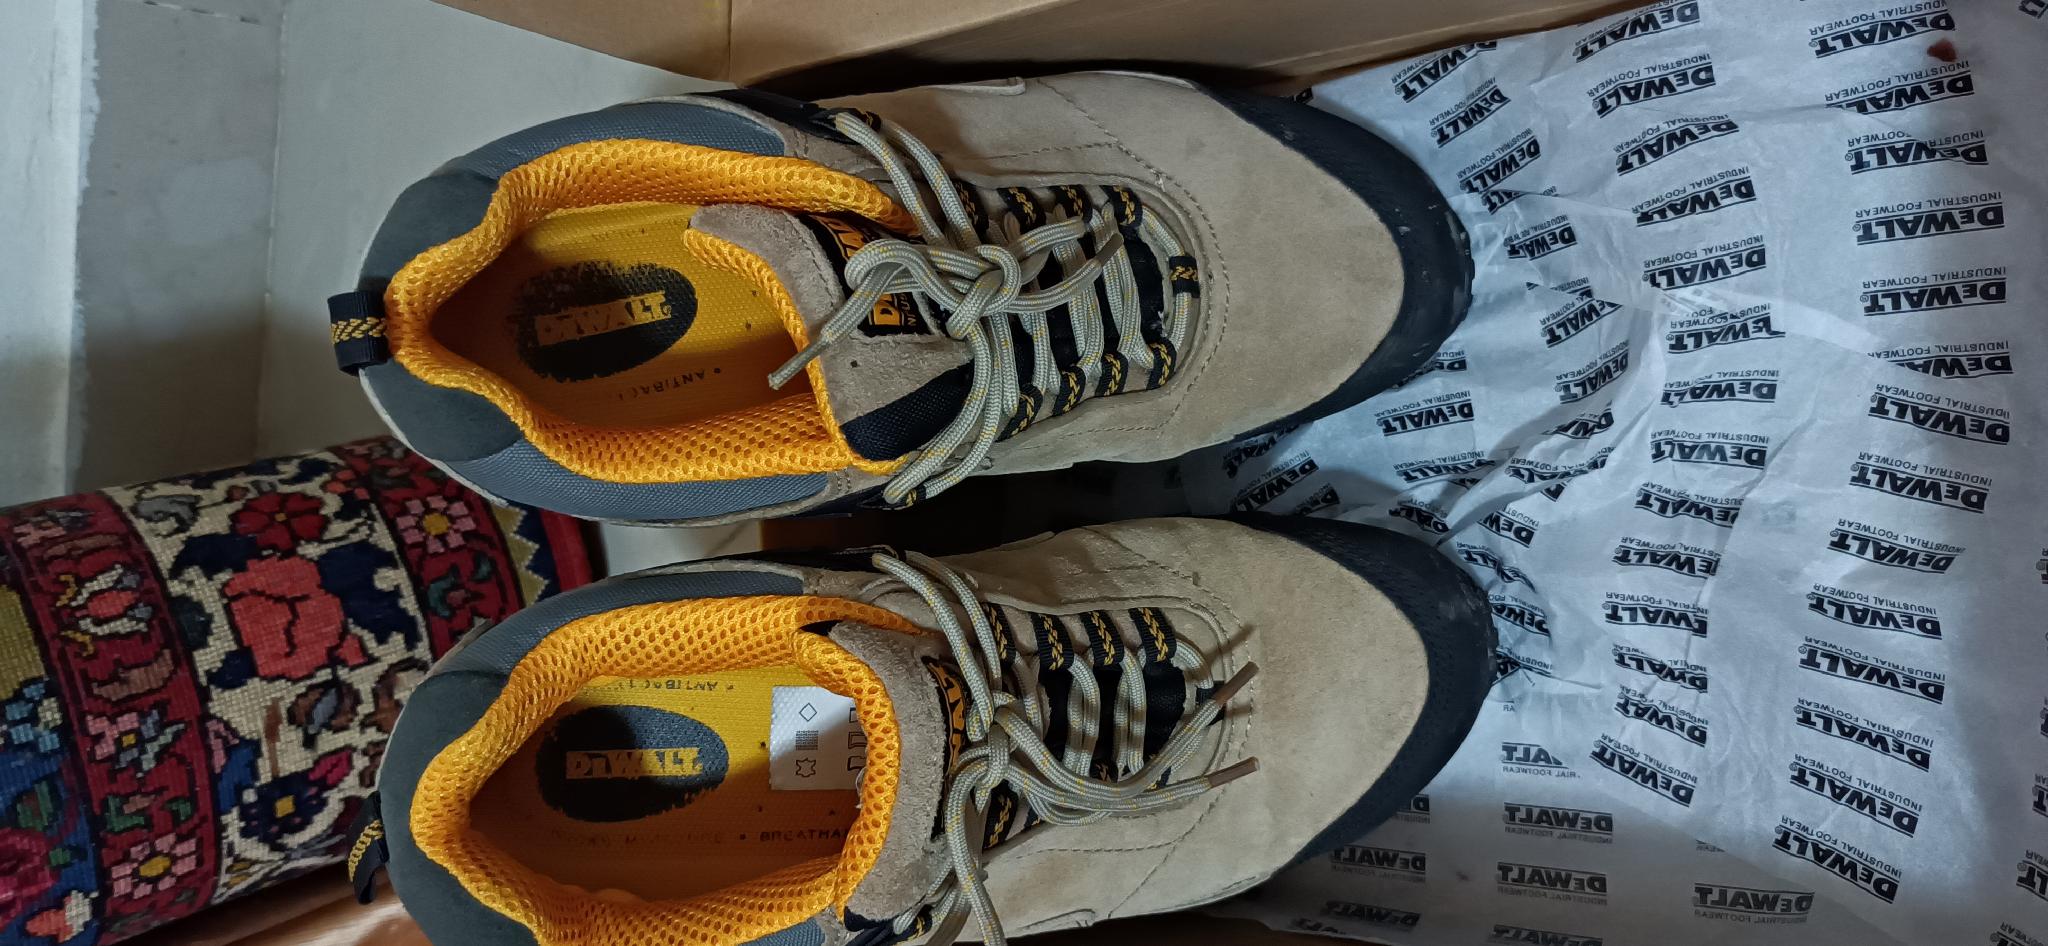 Industrial Safety Shoe DEWALT (Brand New)